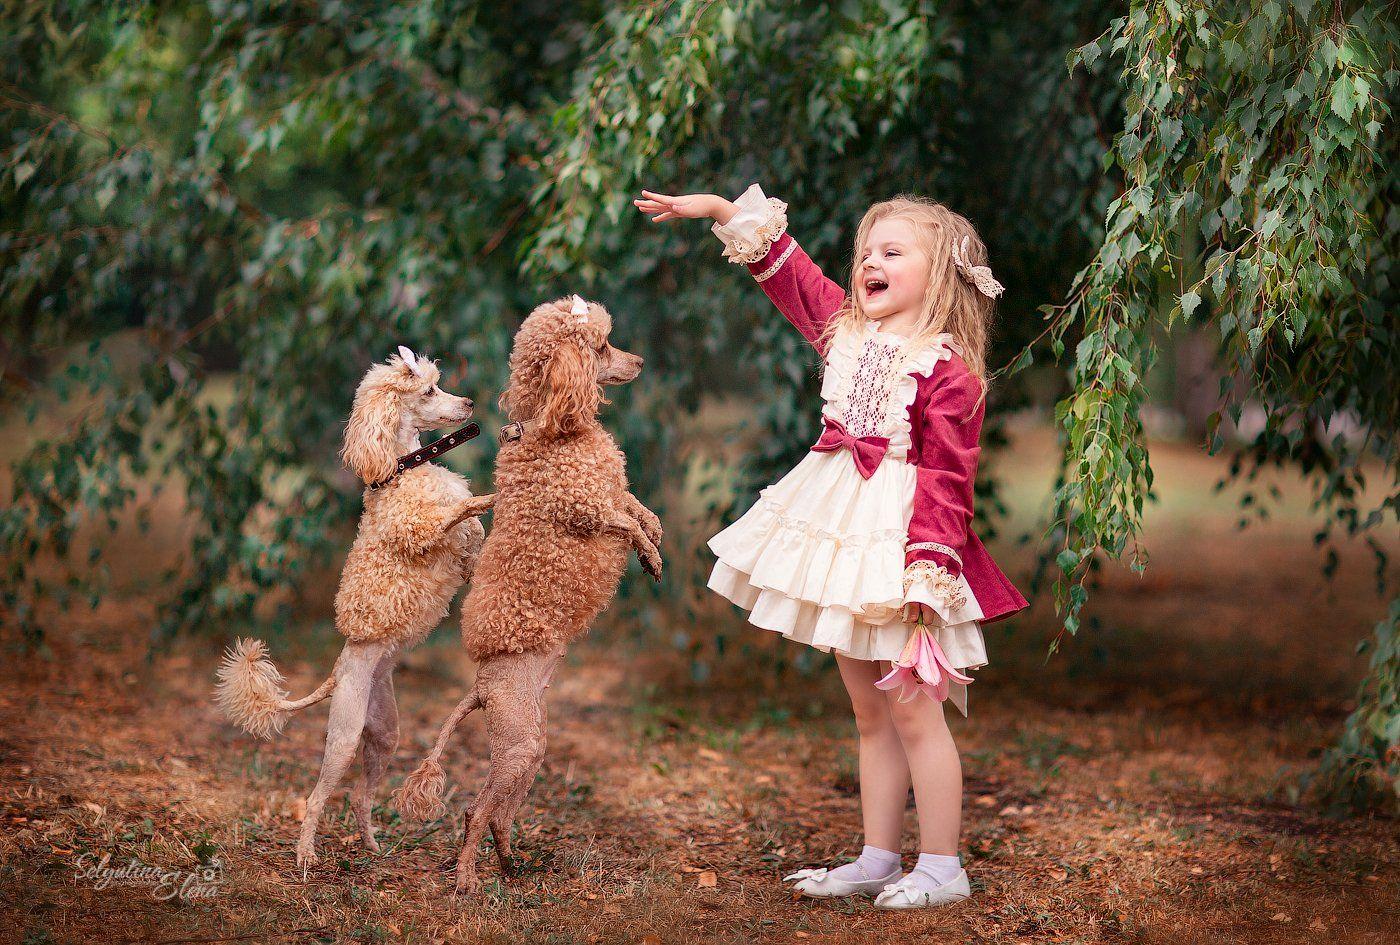 детская фотосессия, фотосессия с животными, пудель, дети, фотограф, Елена Селютина, children photo, kids photographer, Elena Selyutina